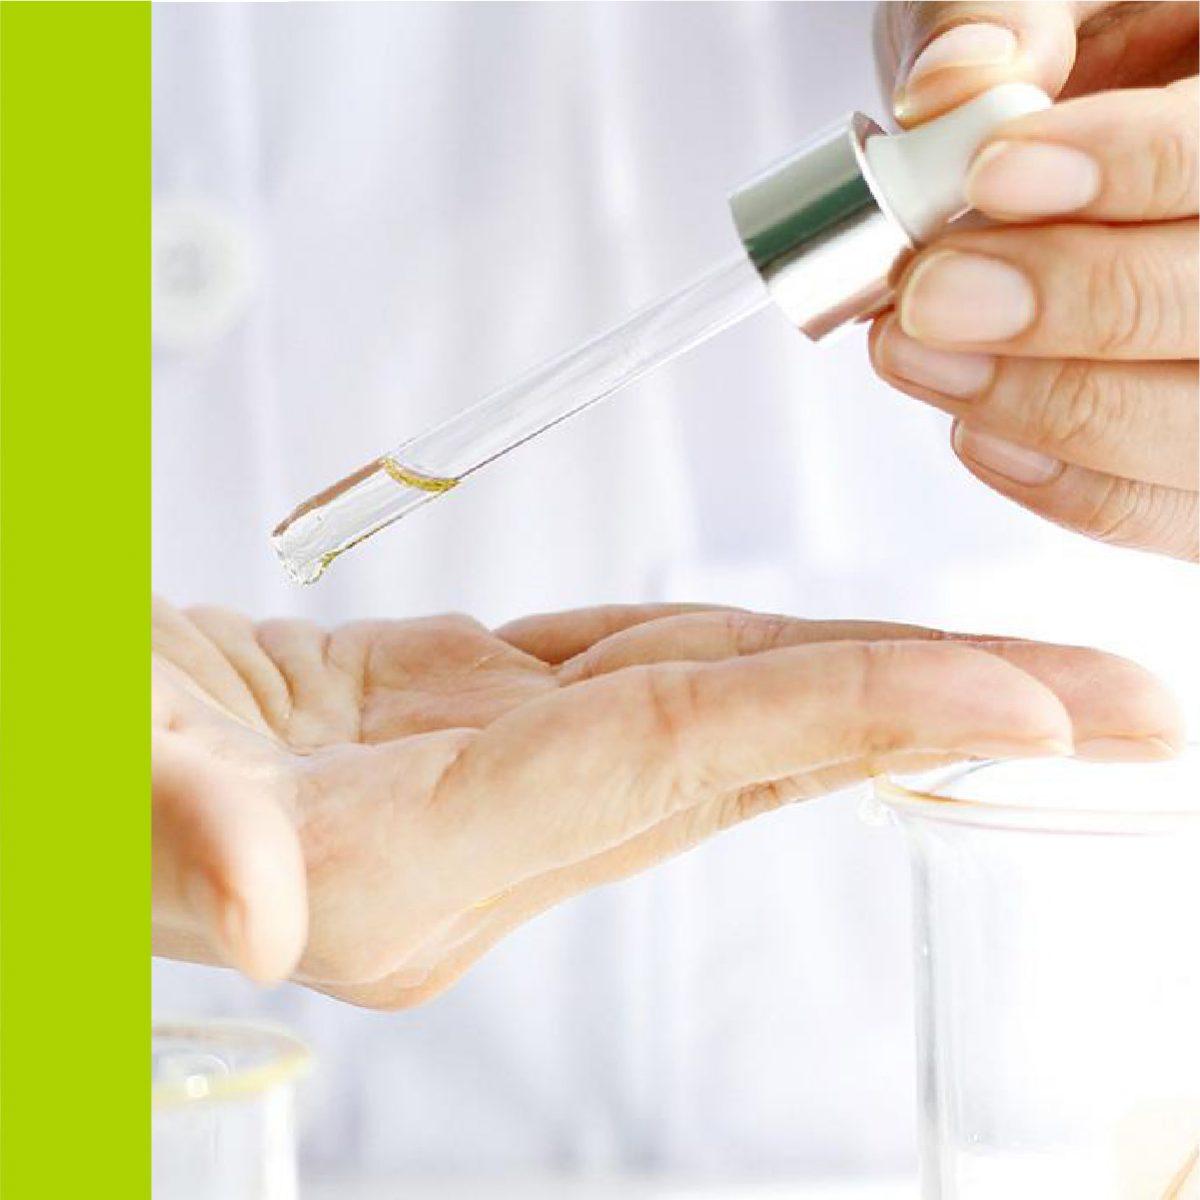 https://farmaciaortopedialosarcos.com/wp-content/uploads/2019/05/CONTENIDO-SECCIONES-01-11-1200x1200.jpg